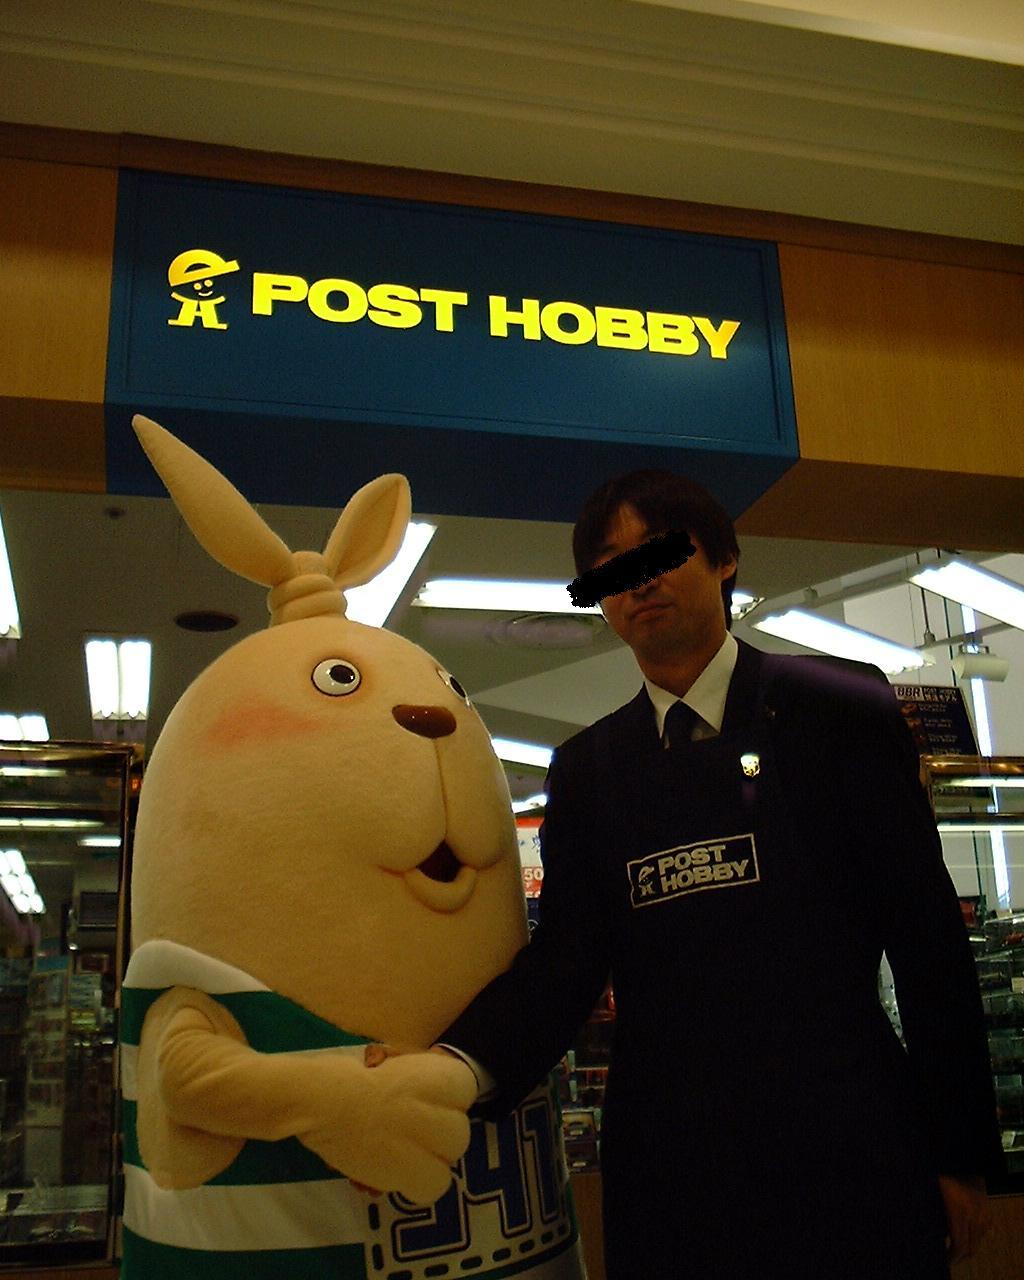 越狱兔的穿帮镜头 文仁羽 监狱兔吧 百度贴吧